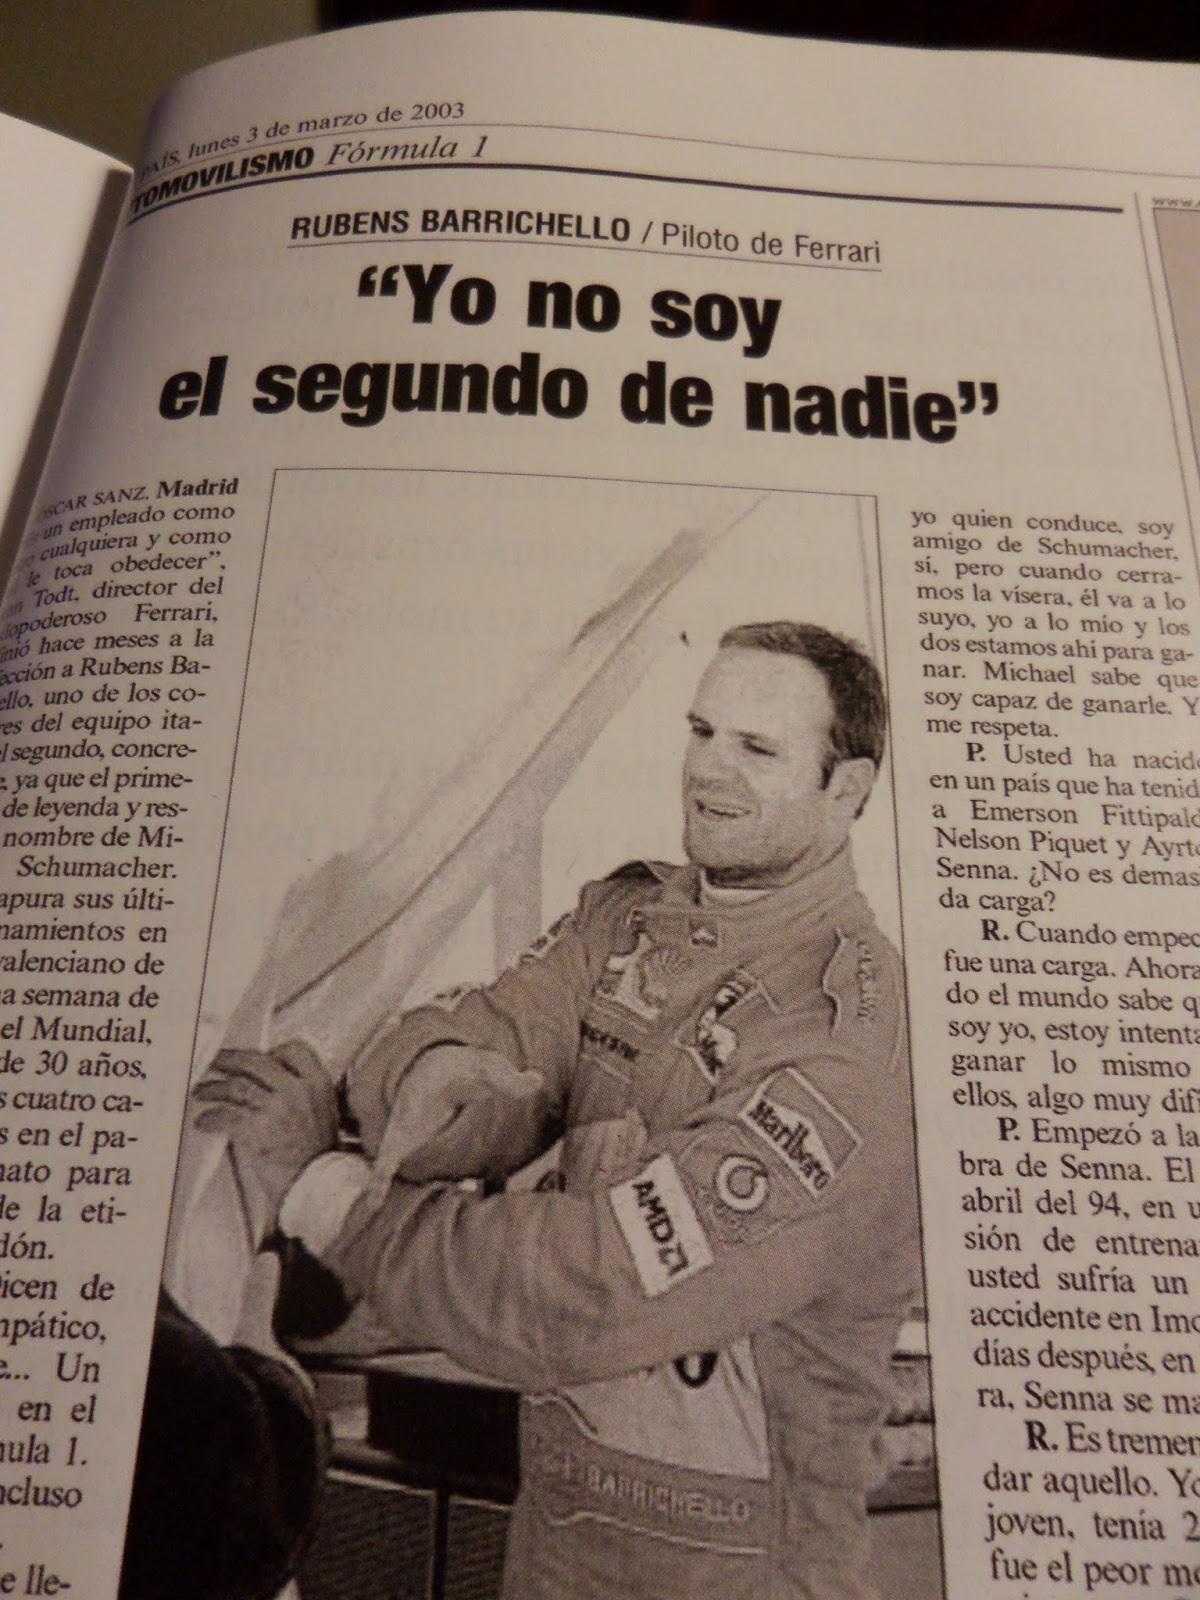 Rubens Barrichello, En qué estaría yo pensando, periodismo, errores, fails